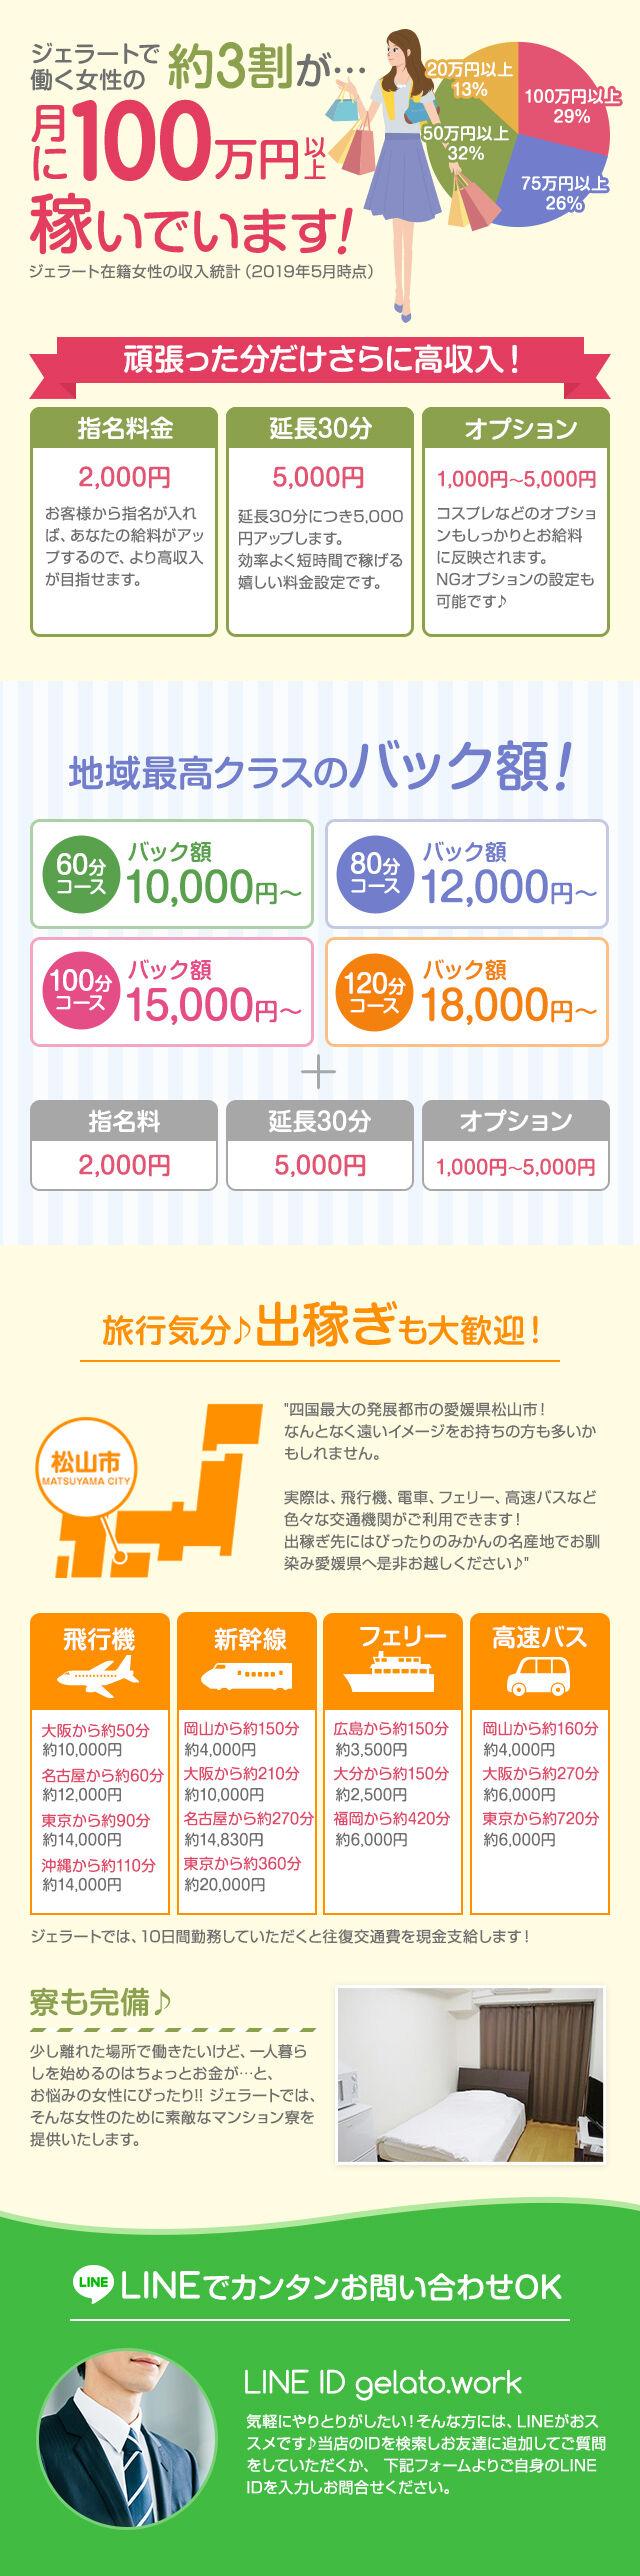 松山gelato(ジェラート)高収入急募情報